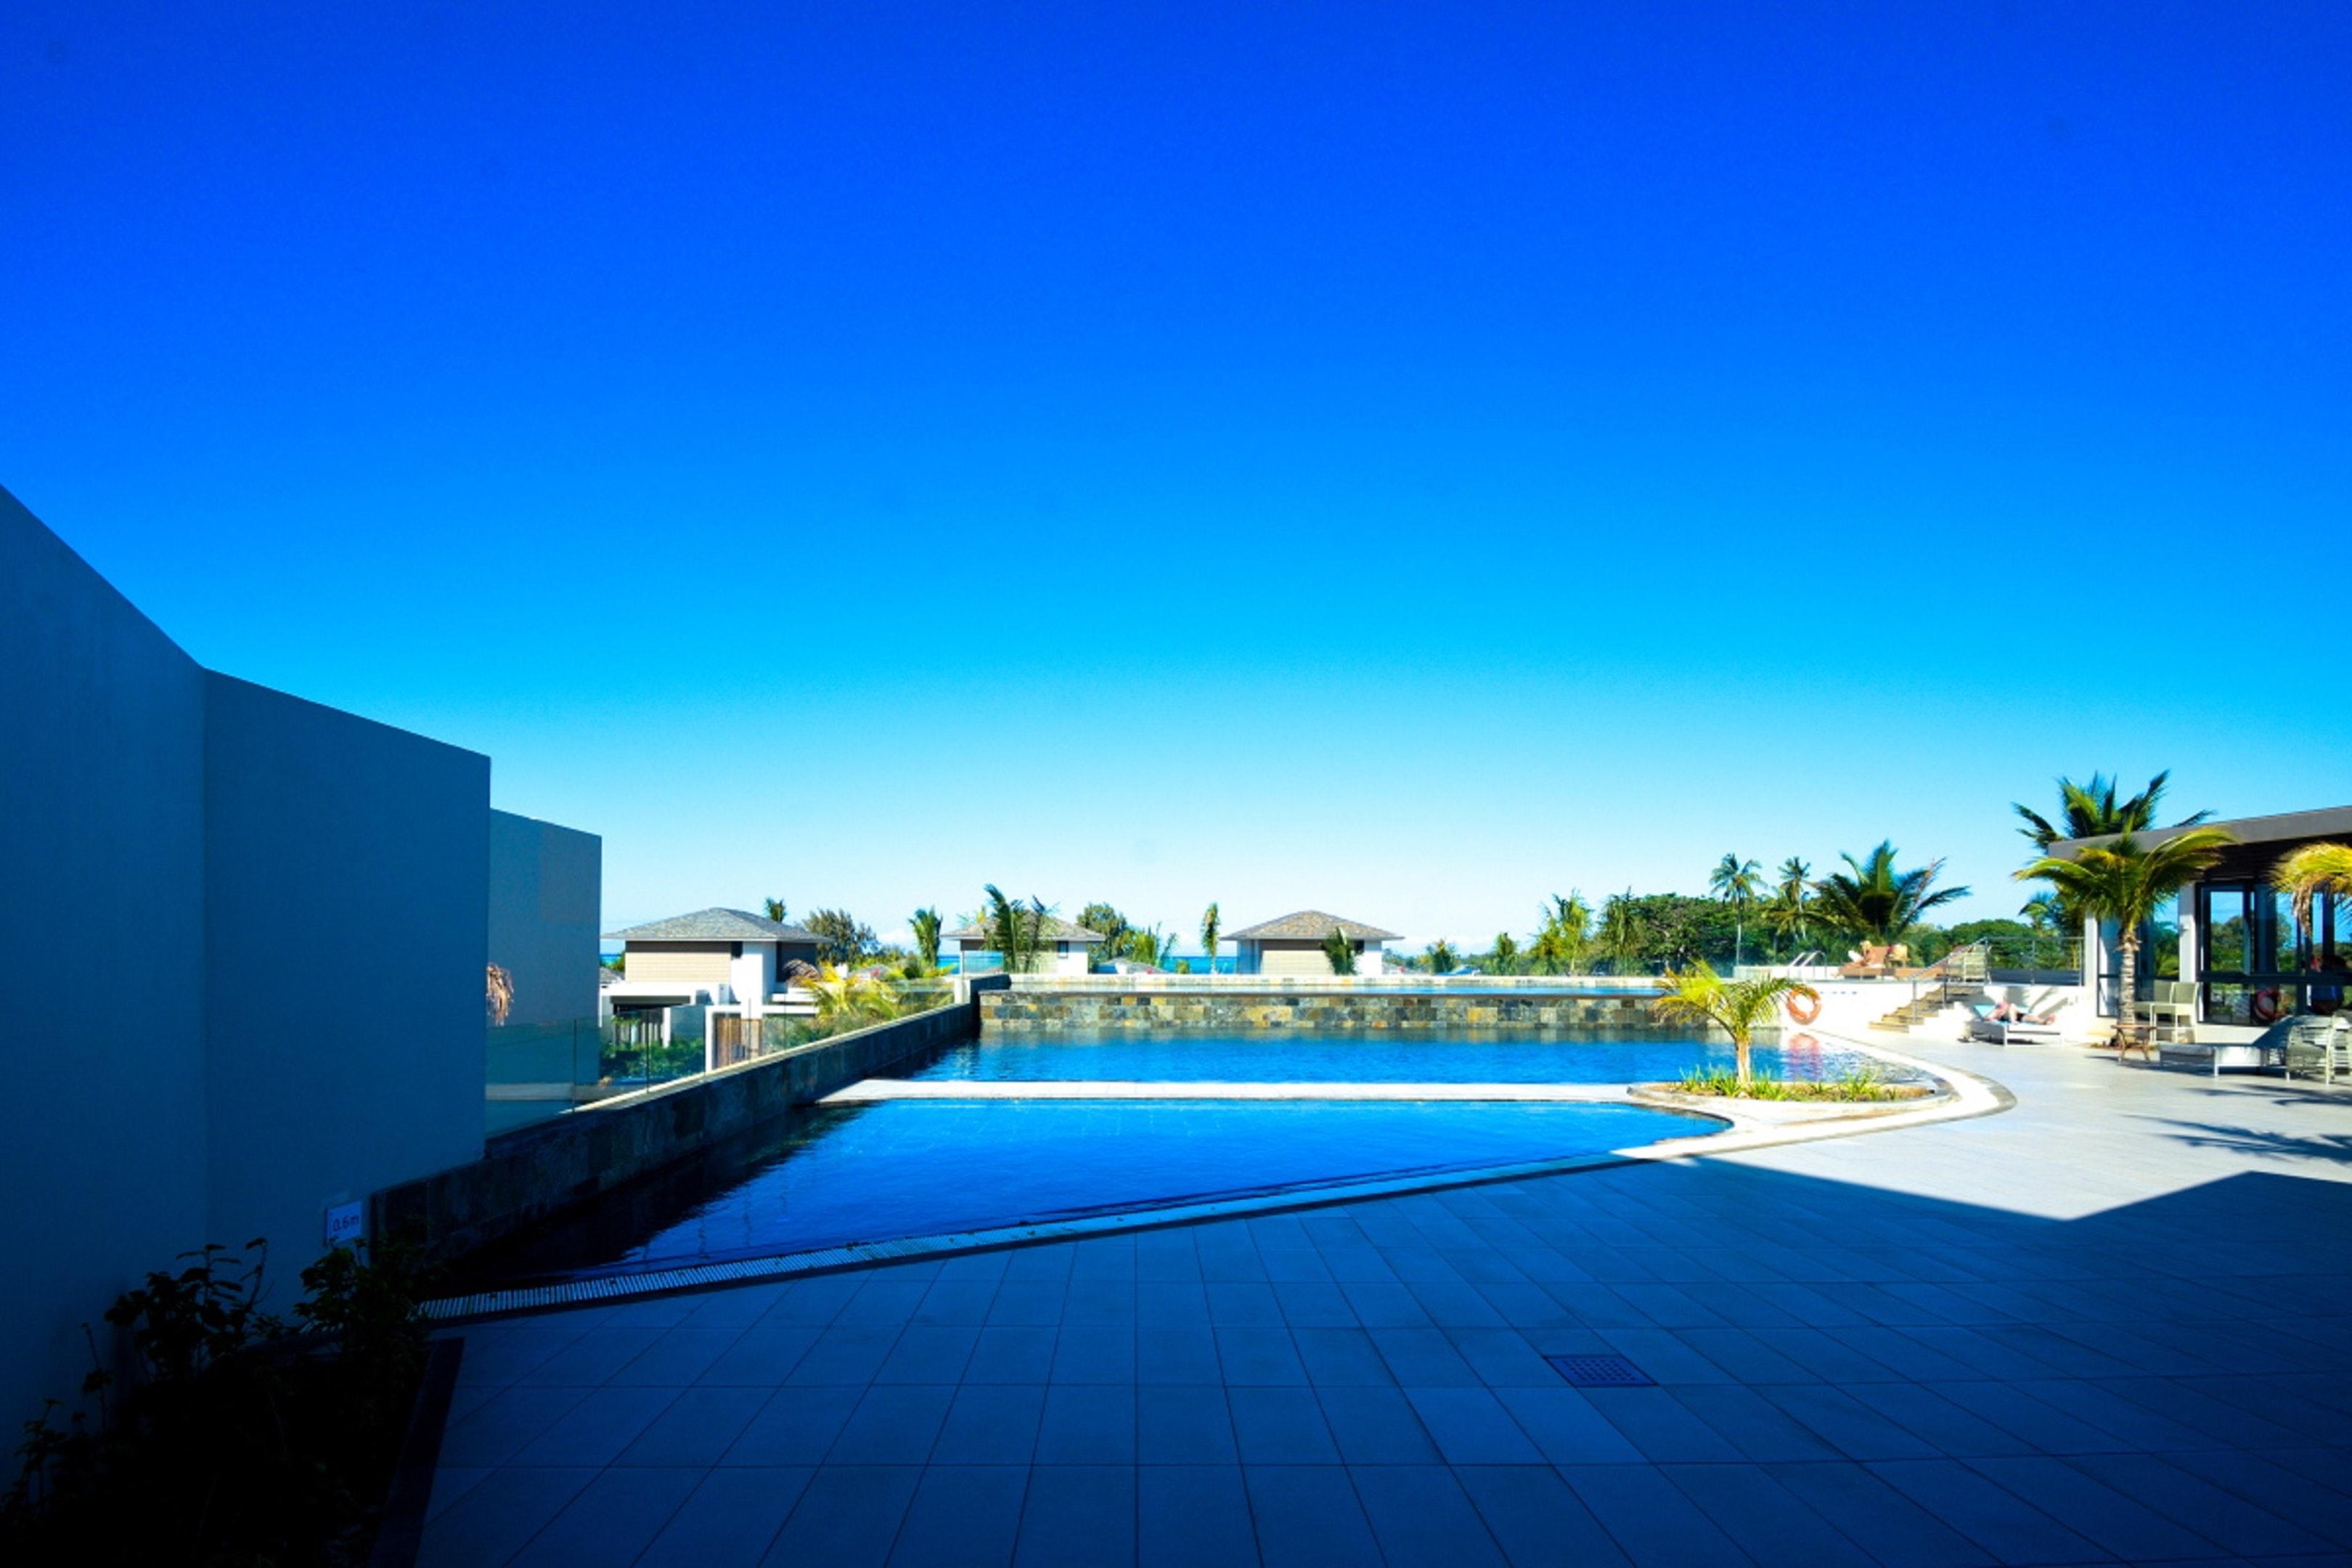 Wohnung mit 3 Schlafzimmern in Roches Noires mit h Ferienwohnung in Afrika